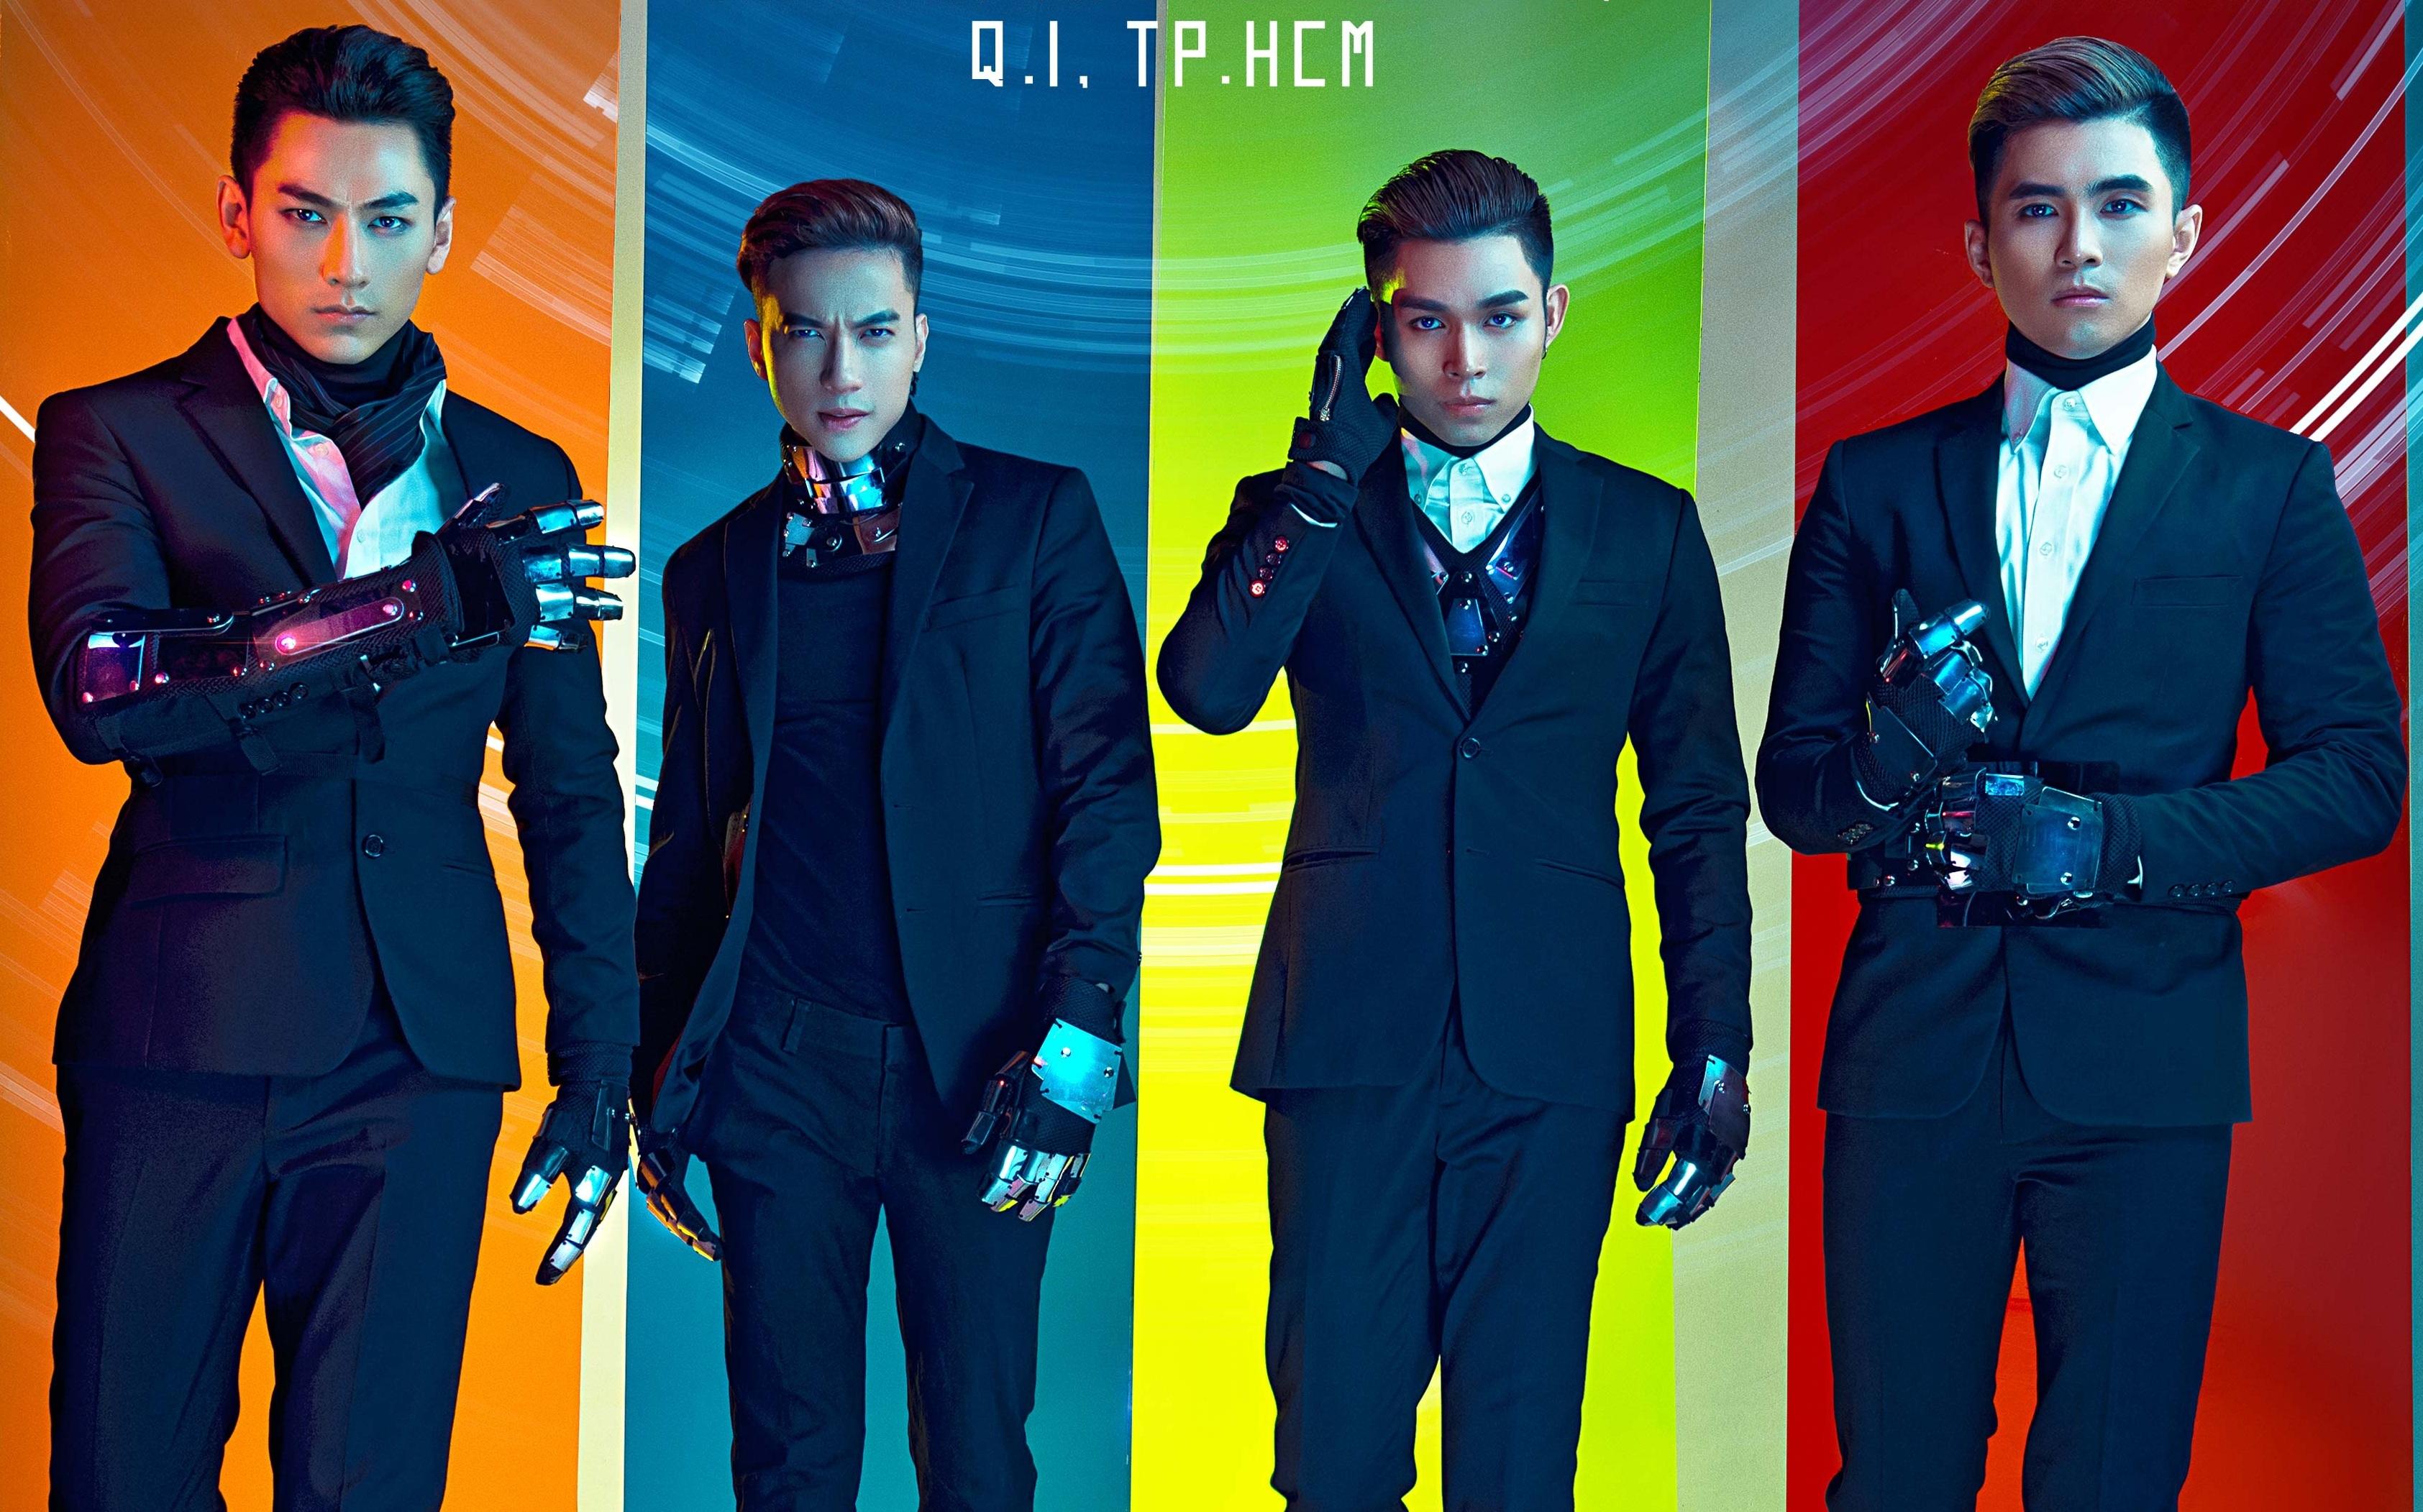 Liveshow lần này sẽ là một bước chuyển mình lớn của nhóm, sau liveshow, cả bốn thành viên sẽ không hoạt động chung nữa mà sẽ phát triển sự nghiệp riêng.